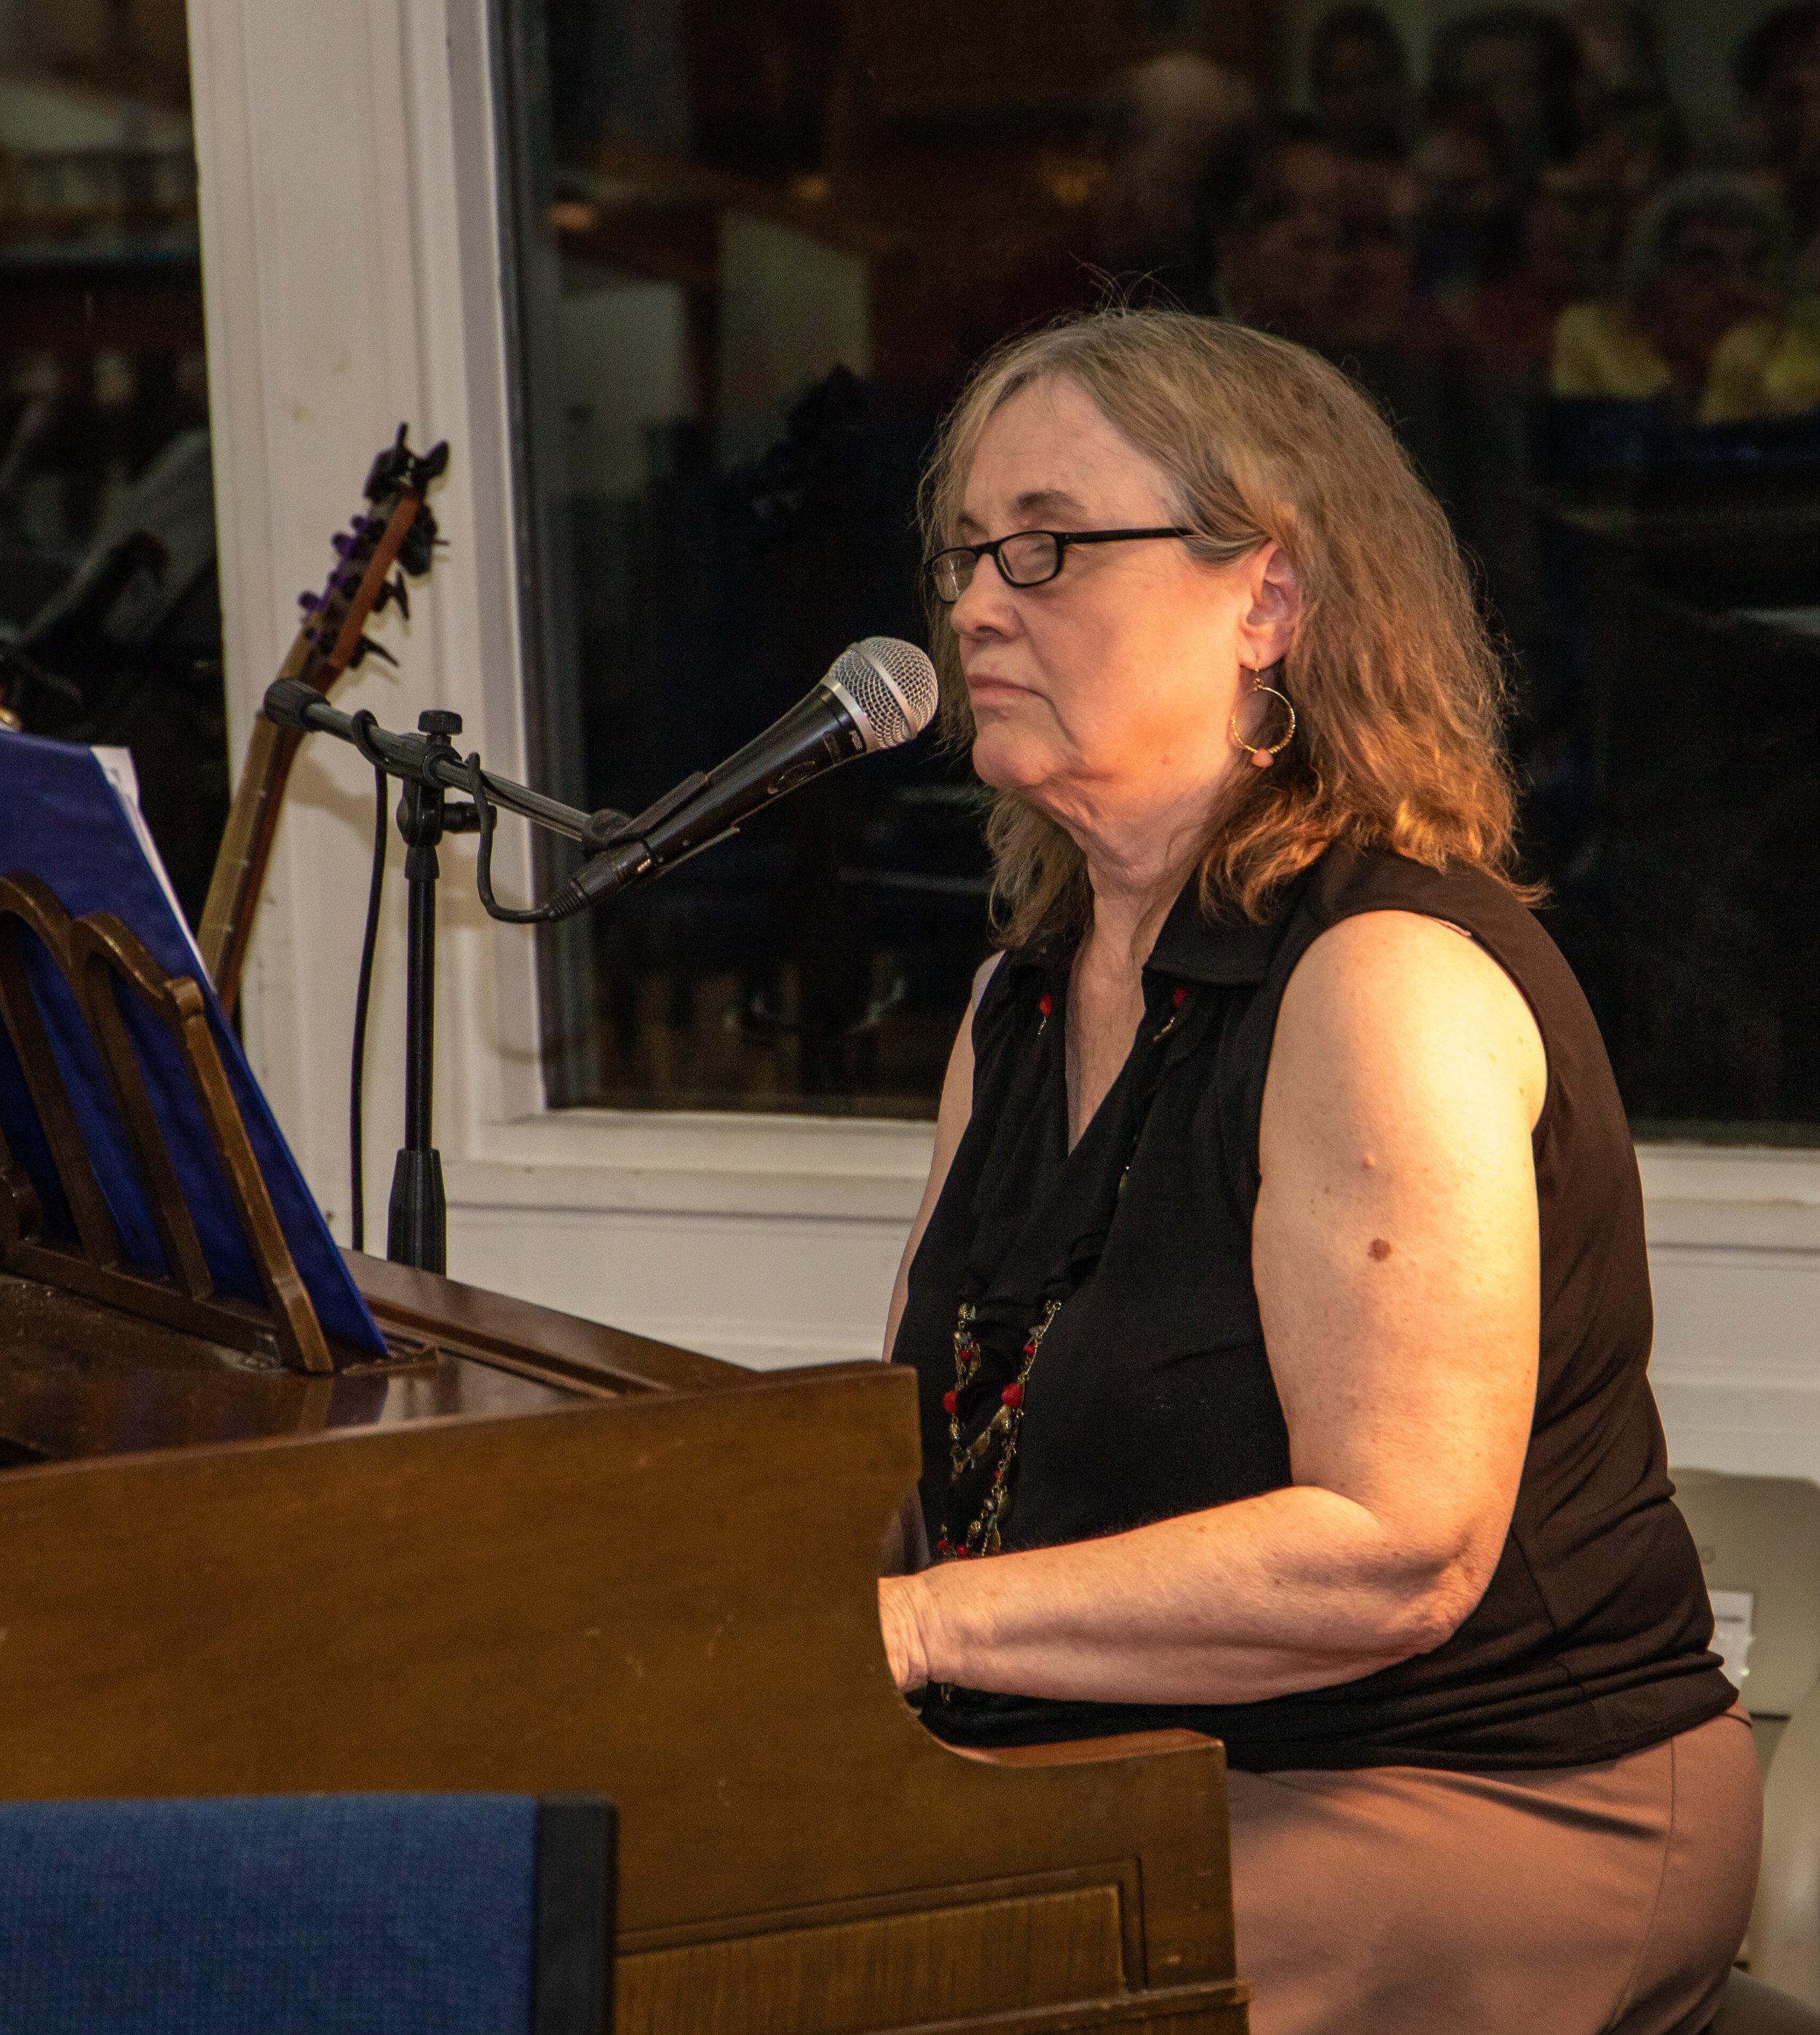 Nancy at the piano_edited-1.jpg